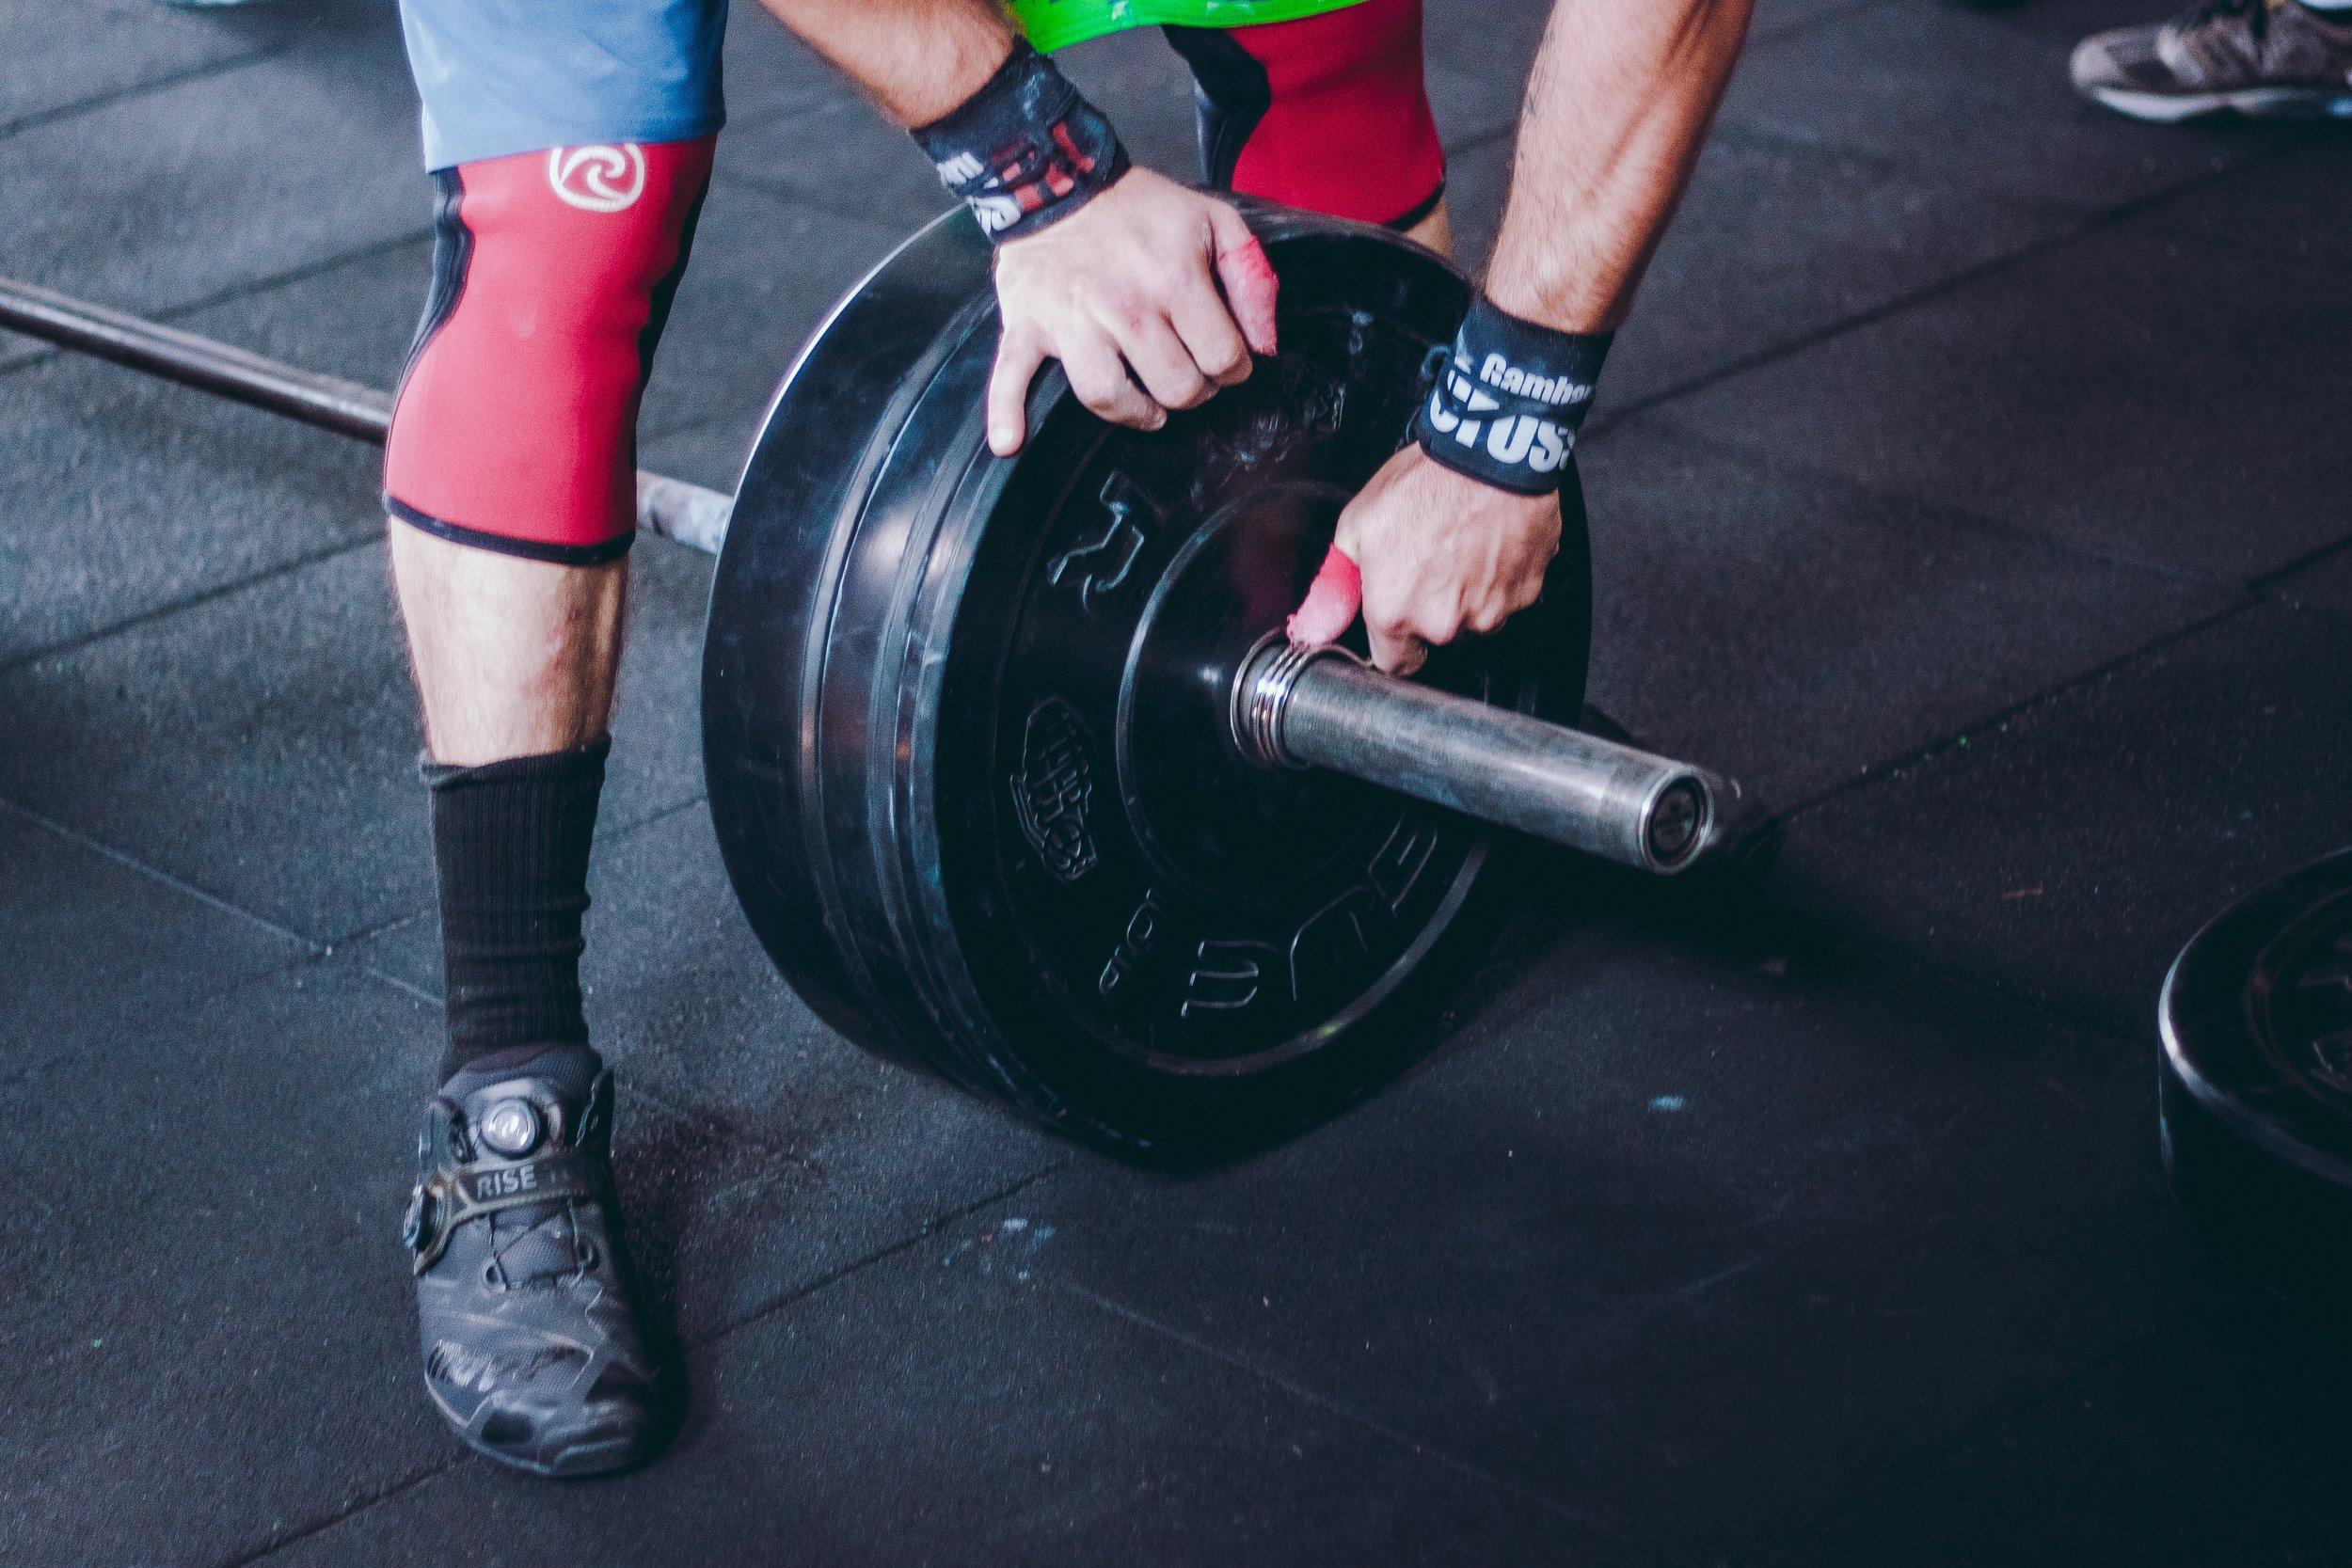 victorfreitas-athlete-barbell-bodybuilder-1092882.jpg